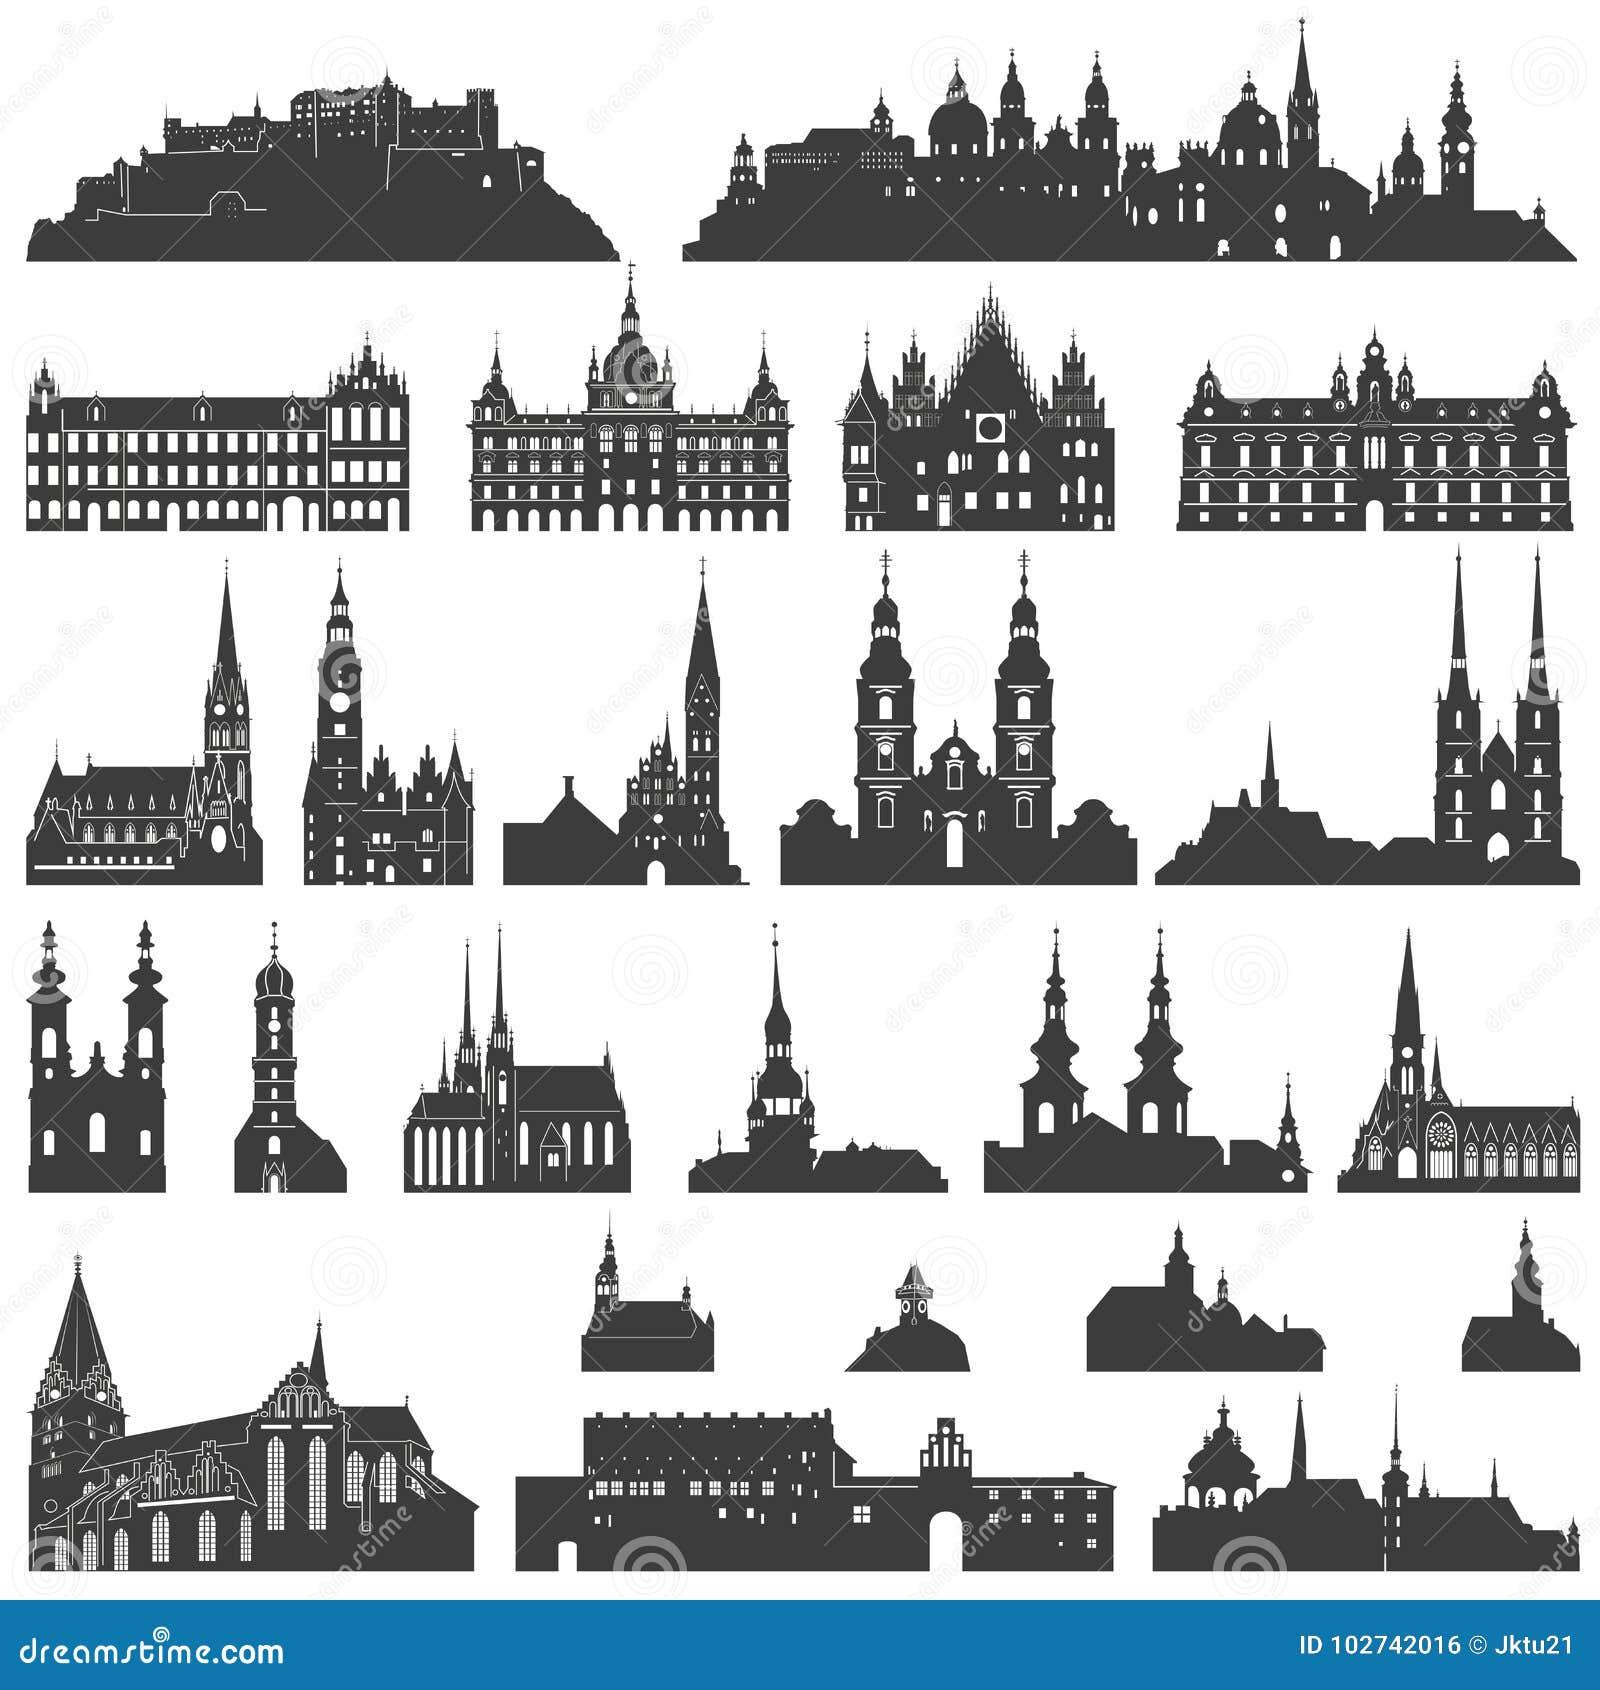 Vector a coleção de palácios isolados, de templos, de igrejas, de catedrais, de castelos, de câmaras municipais, de edifícios, de